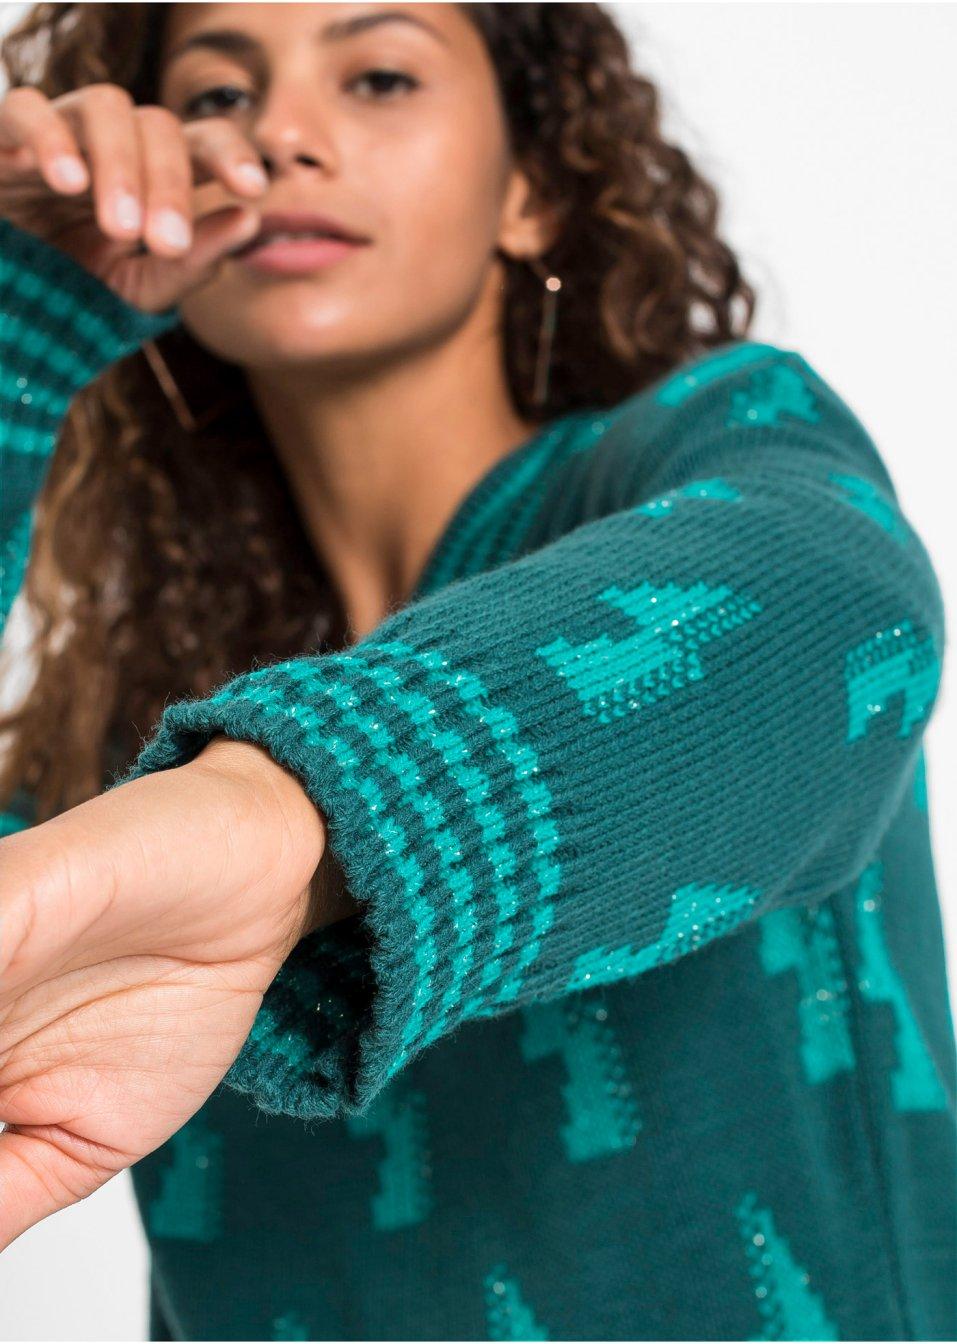 Mode Femme Vêtements DJLfdOFlkj Pull à motif bicolore pétrole/émeraude RAINBOW acheter online .fr